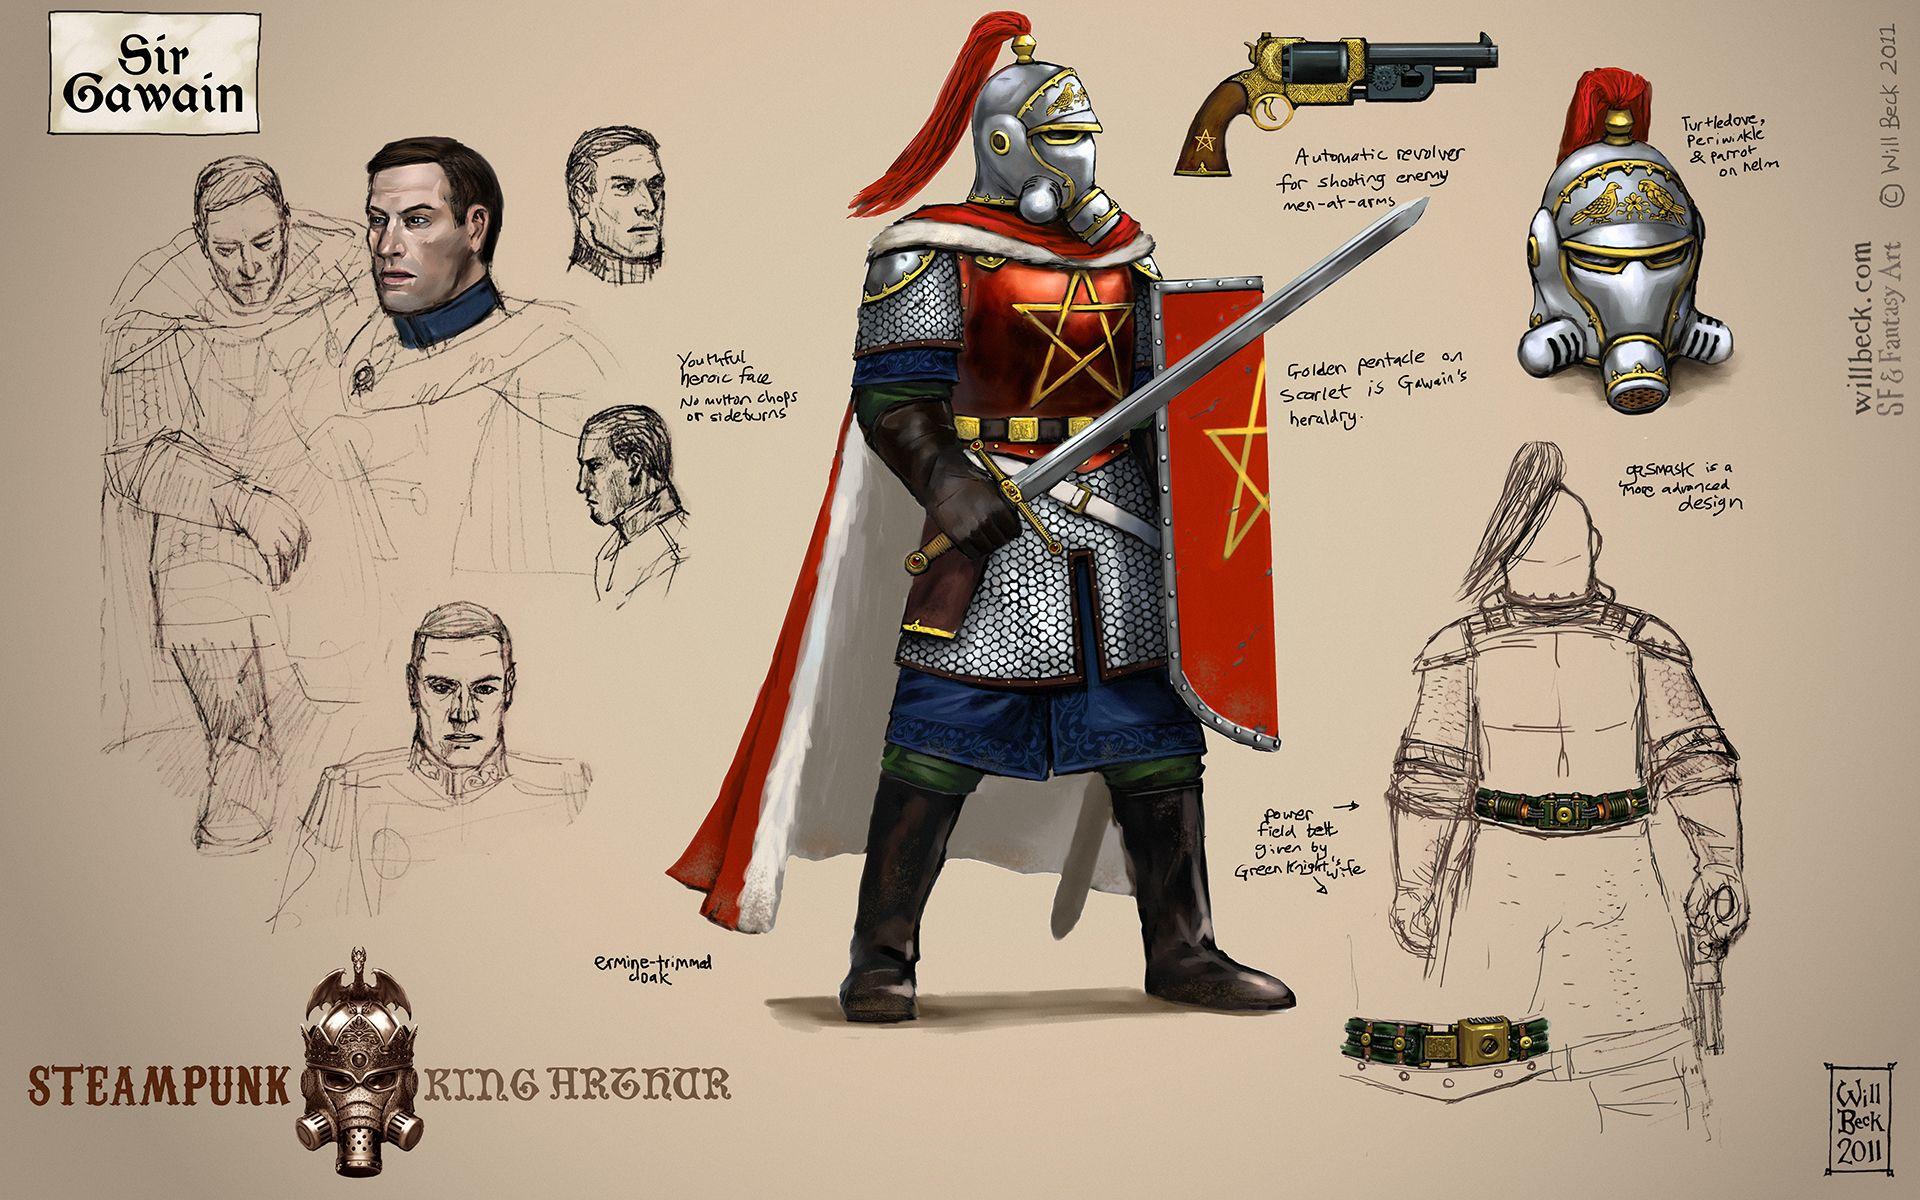 Steampunk Sir Gawain